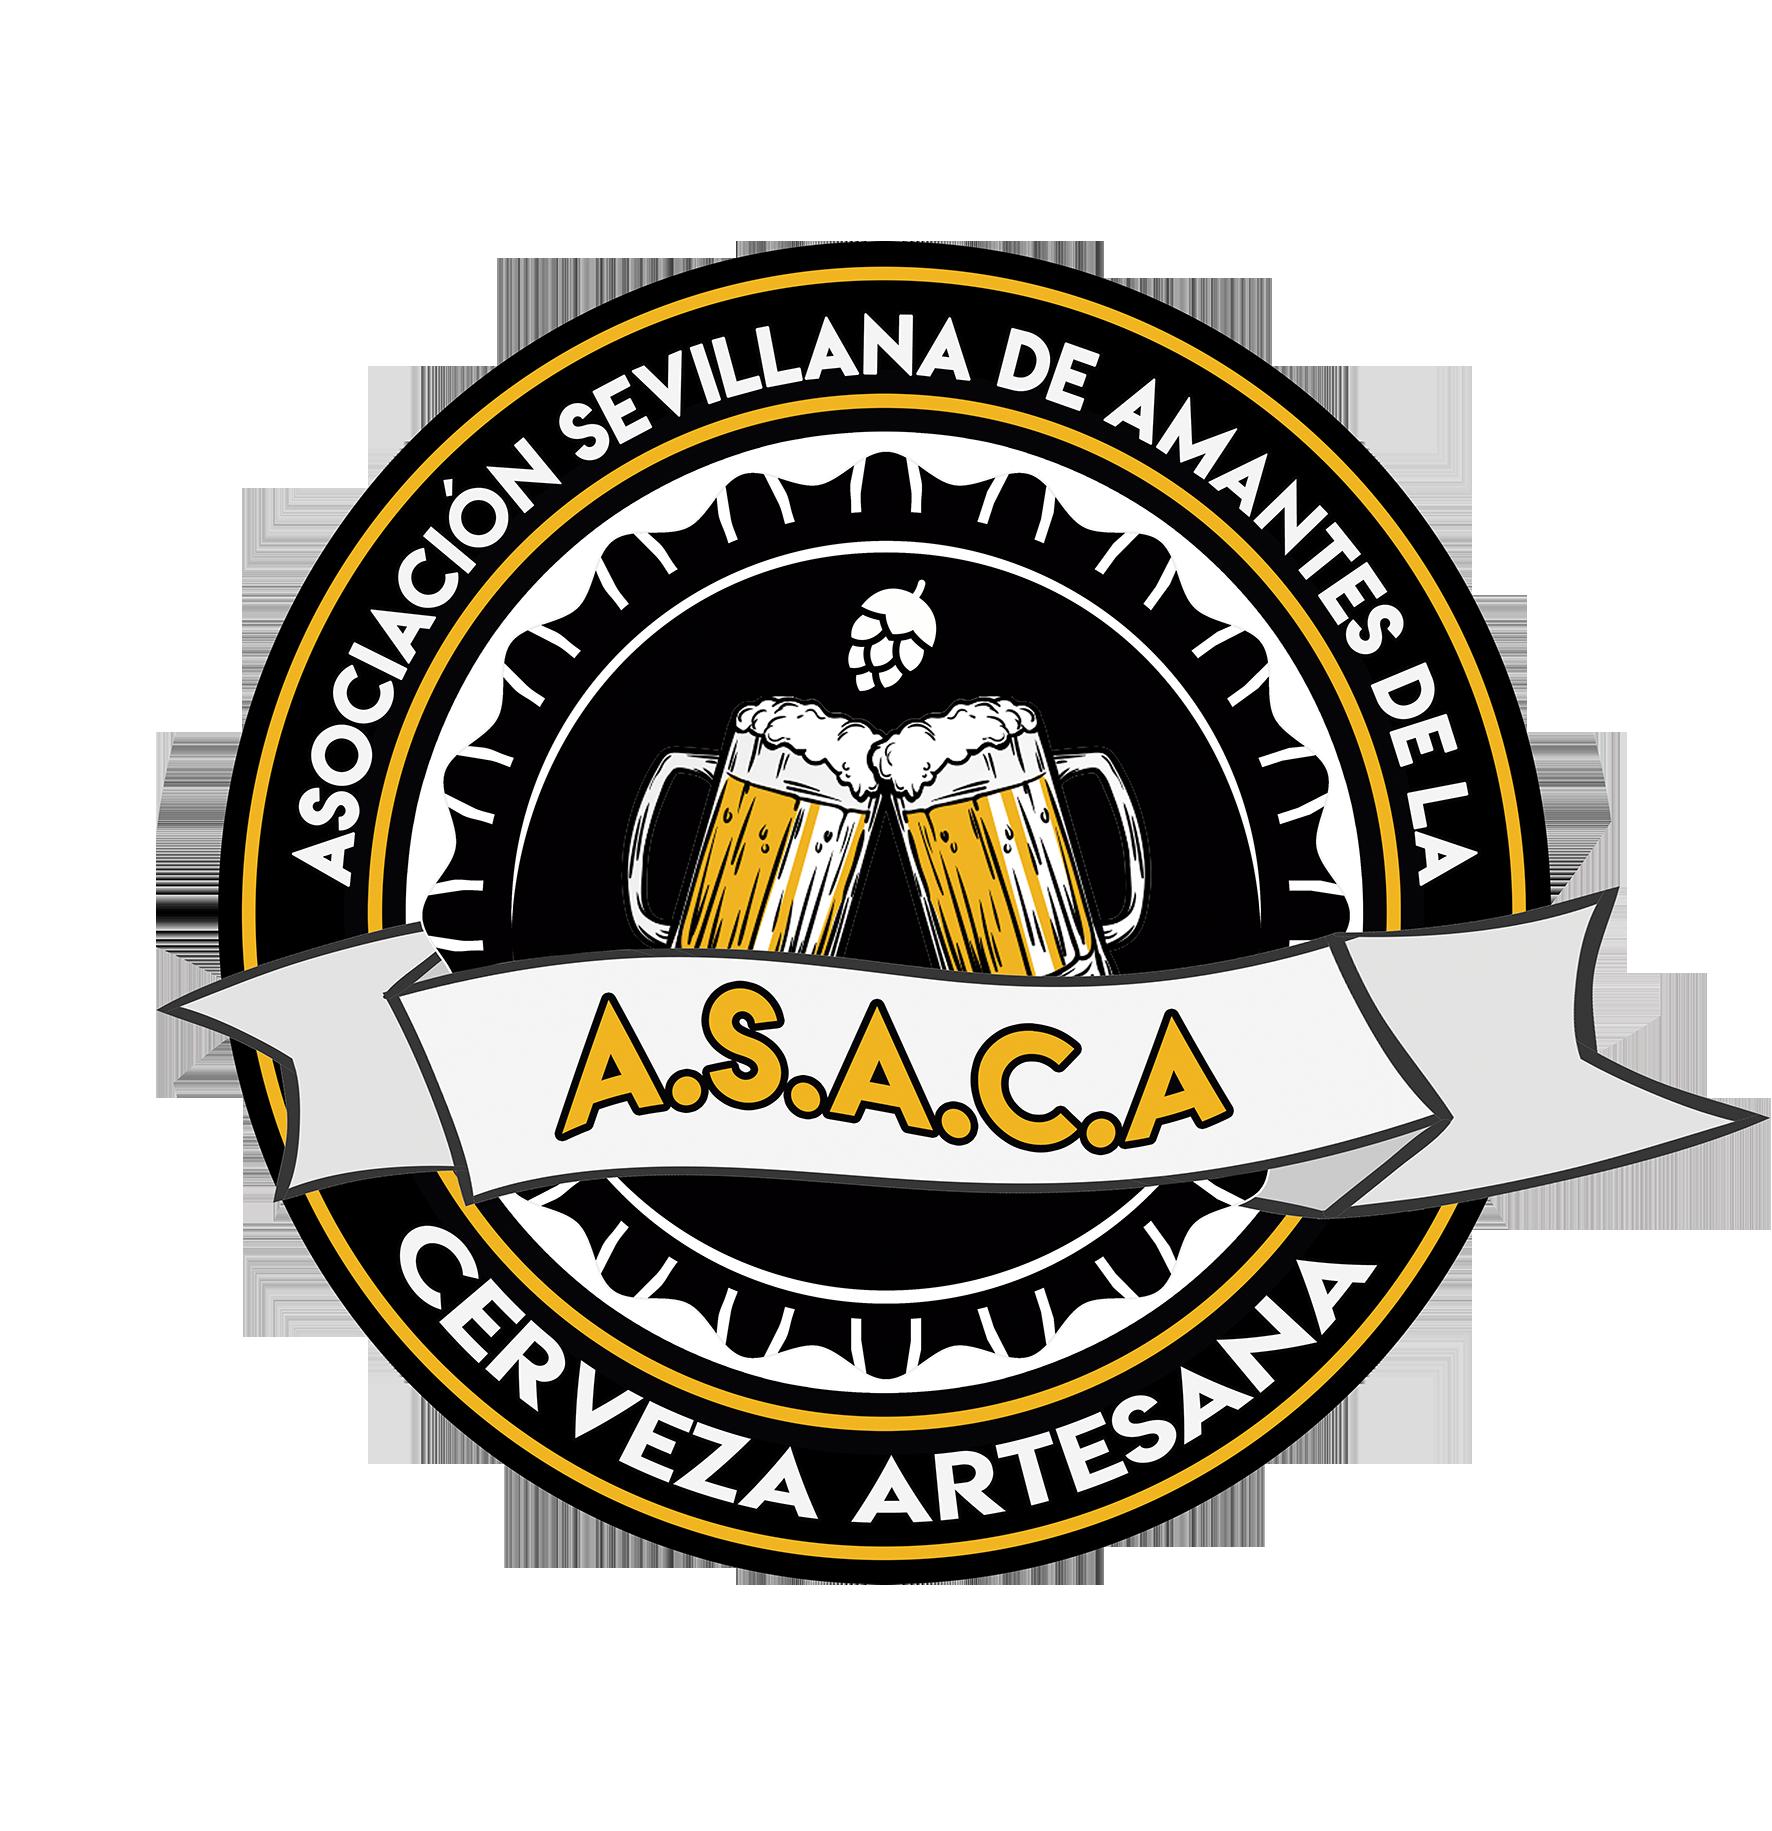 A.S.A.C.A